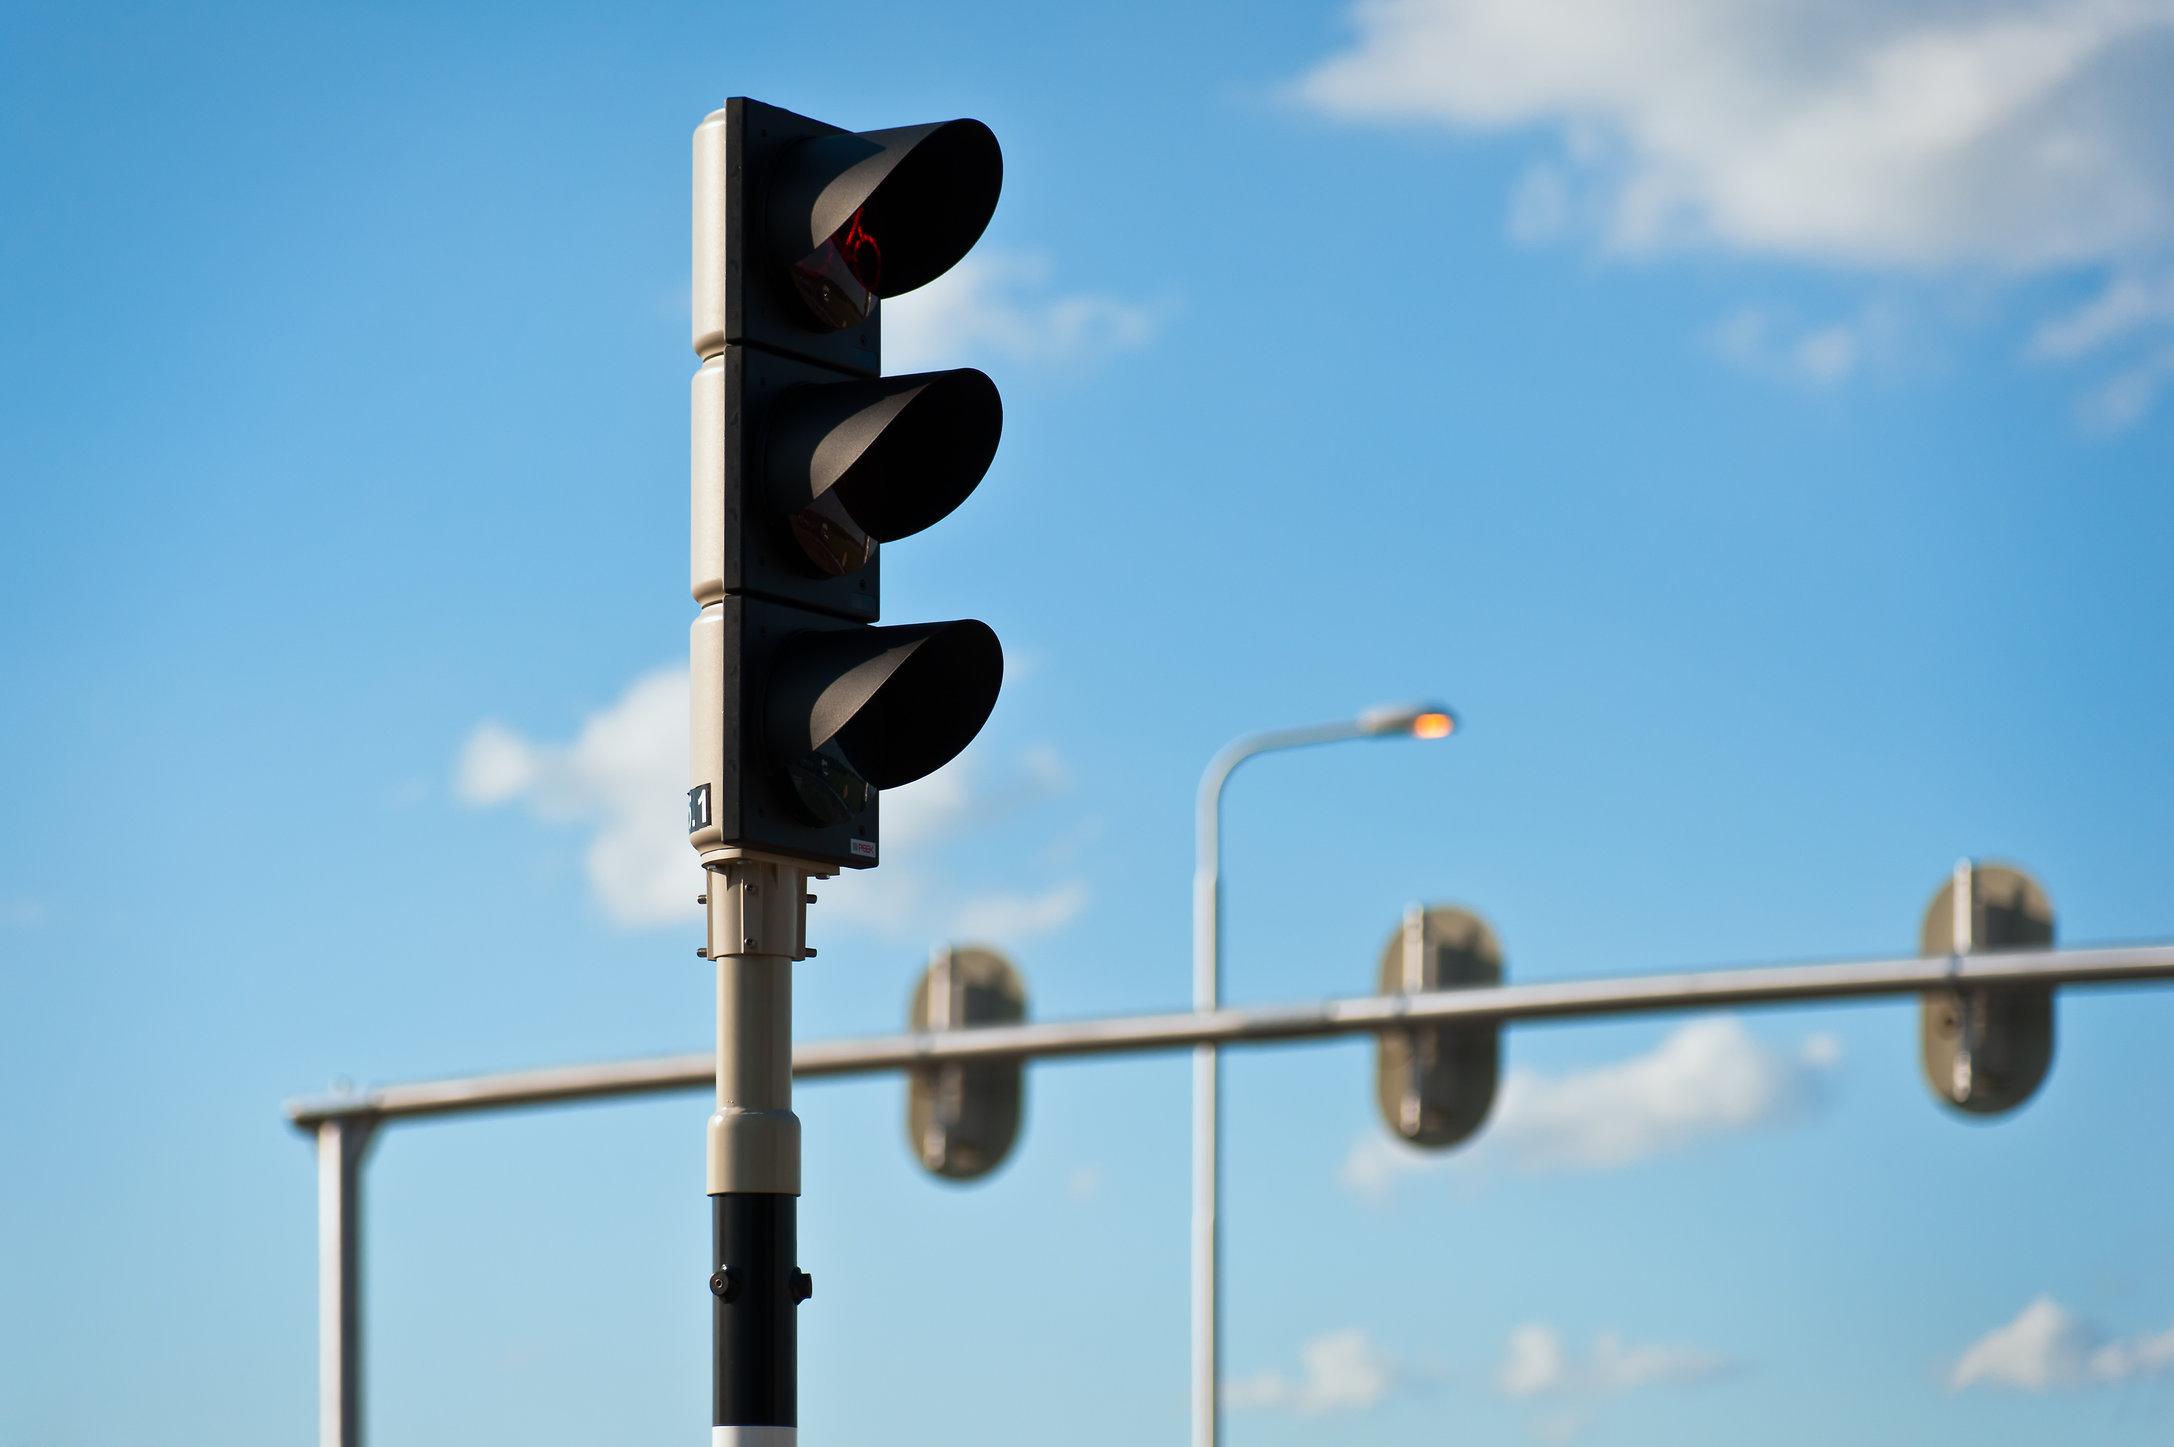 Verkeersregelinstallatie, Hapert